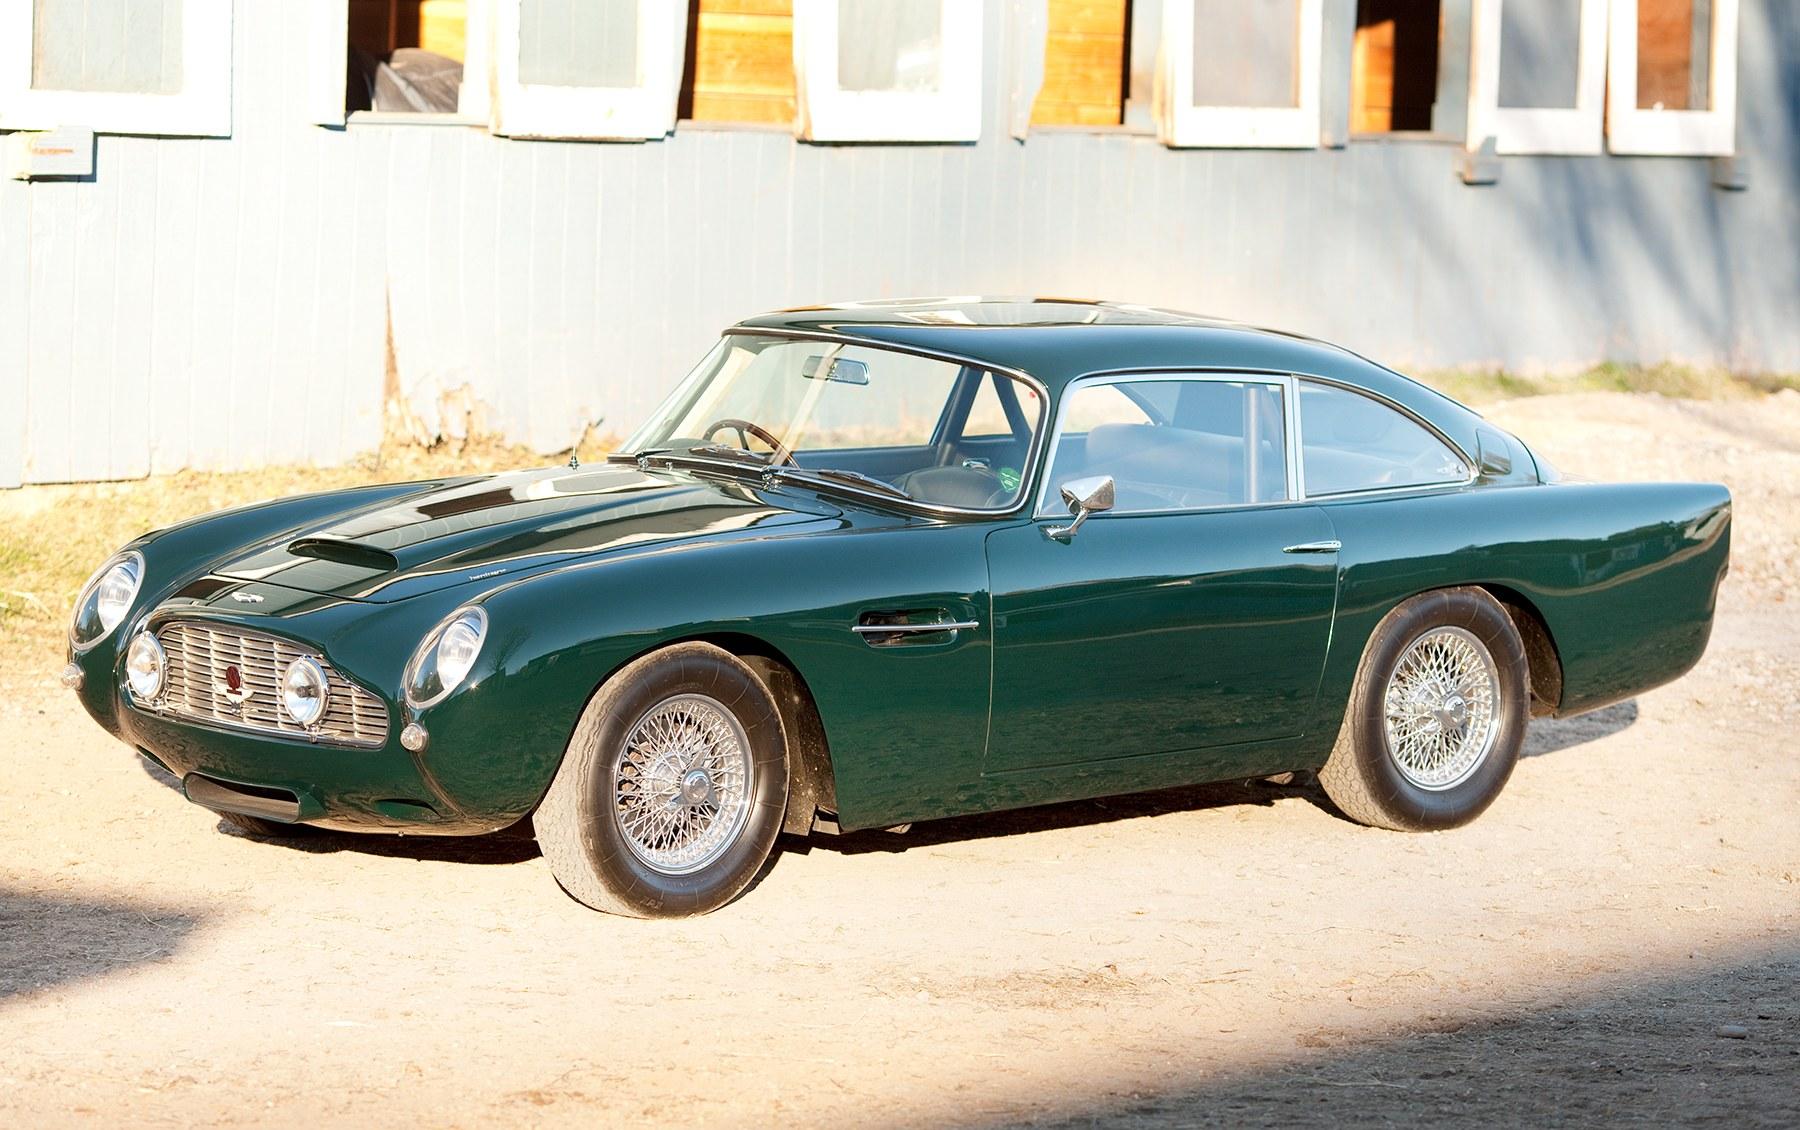 1963 Aston Martin DB4 Series V Vantage GT